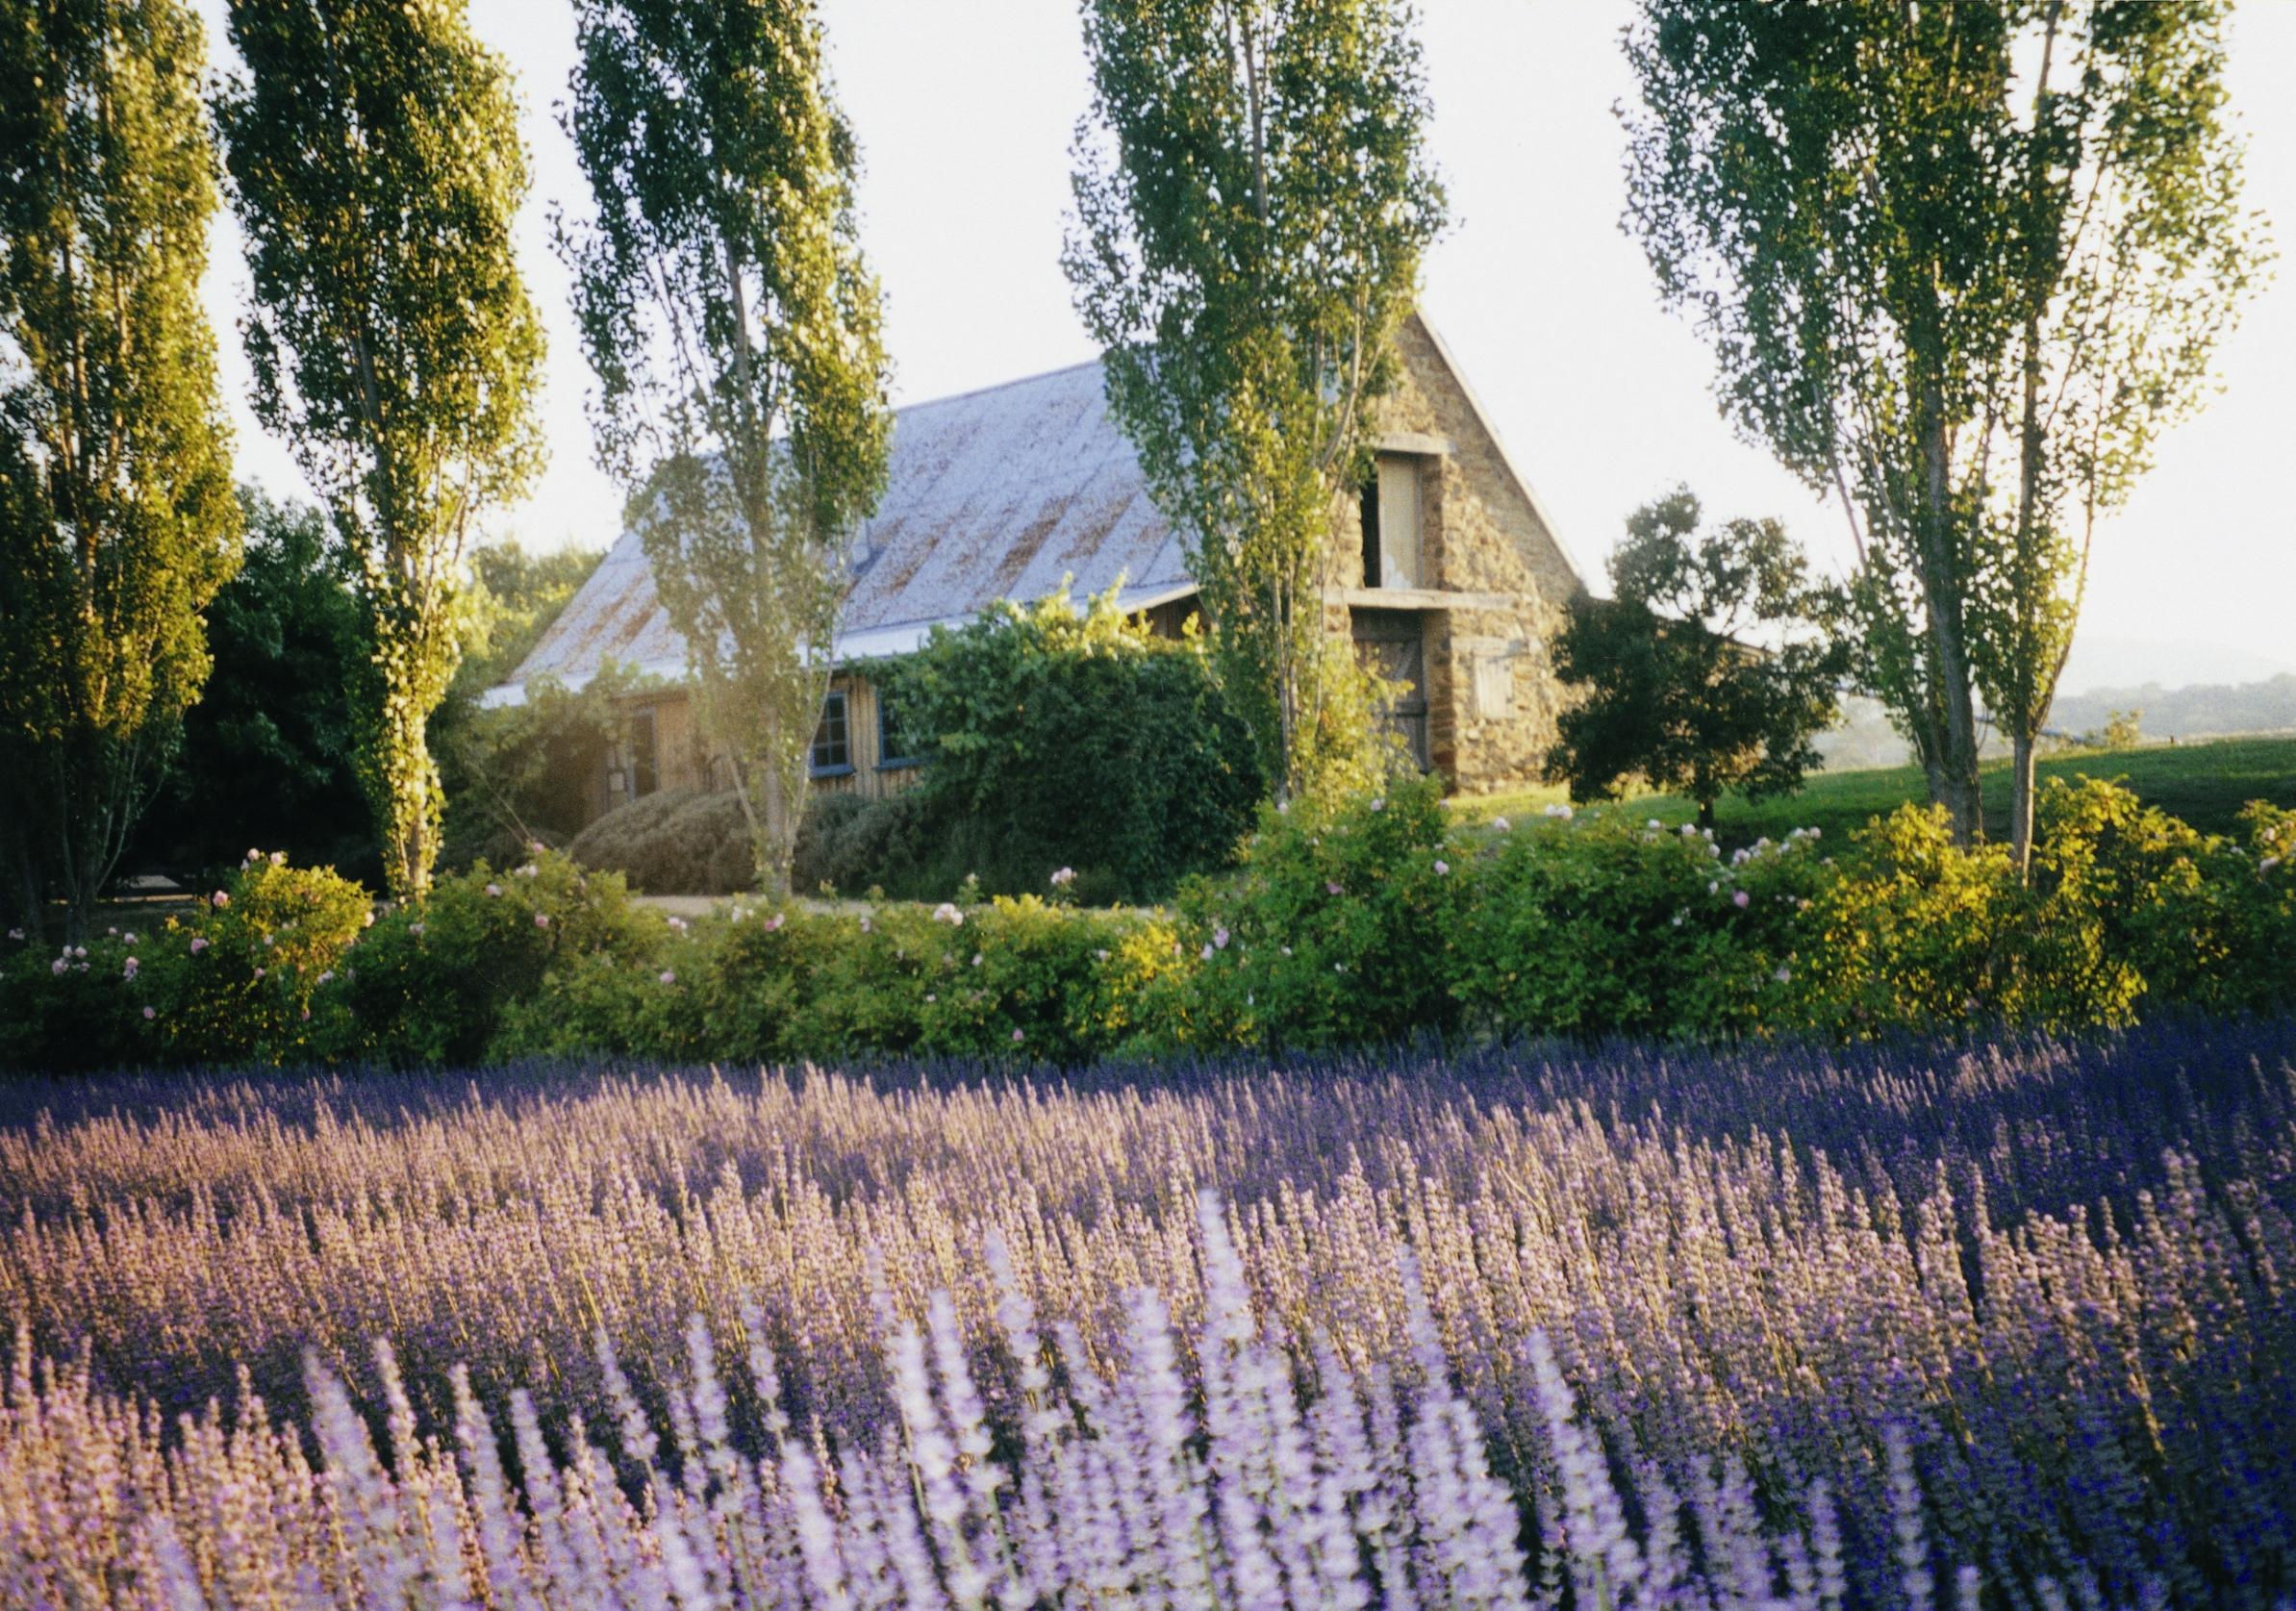 Lavandula Swiss Italian Farm1 - 8 khu vườn tuyệt đẹp ít người biết đến ở Melbourne